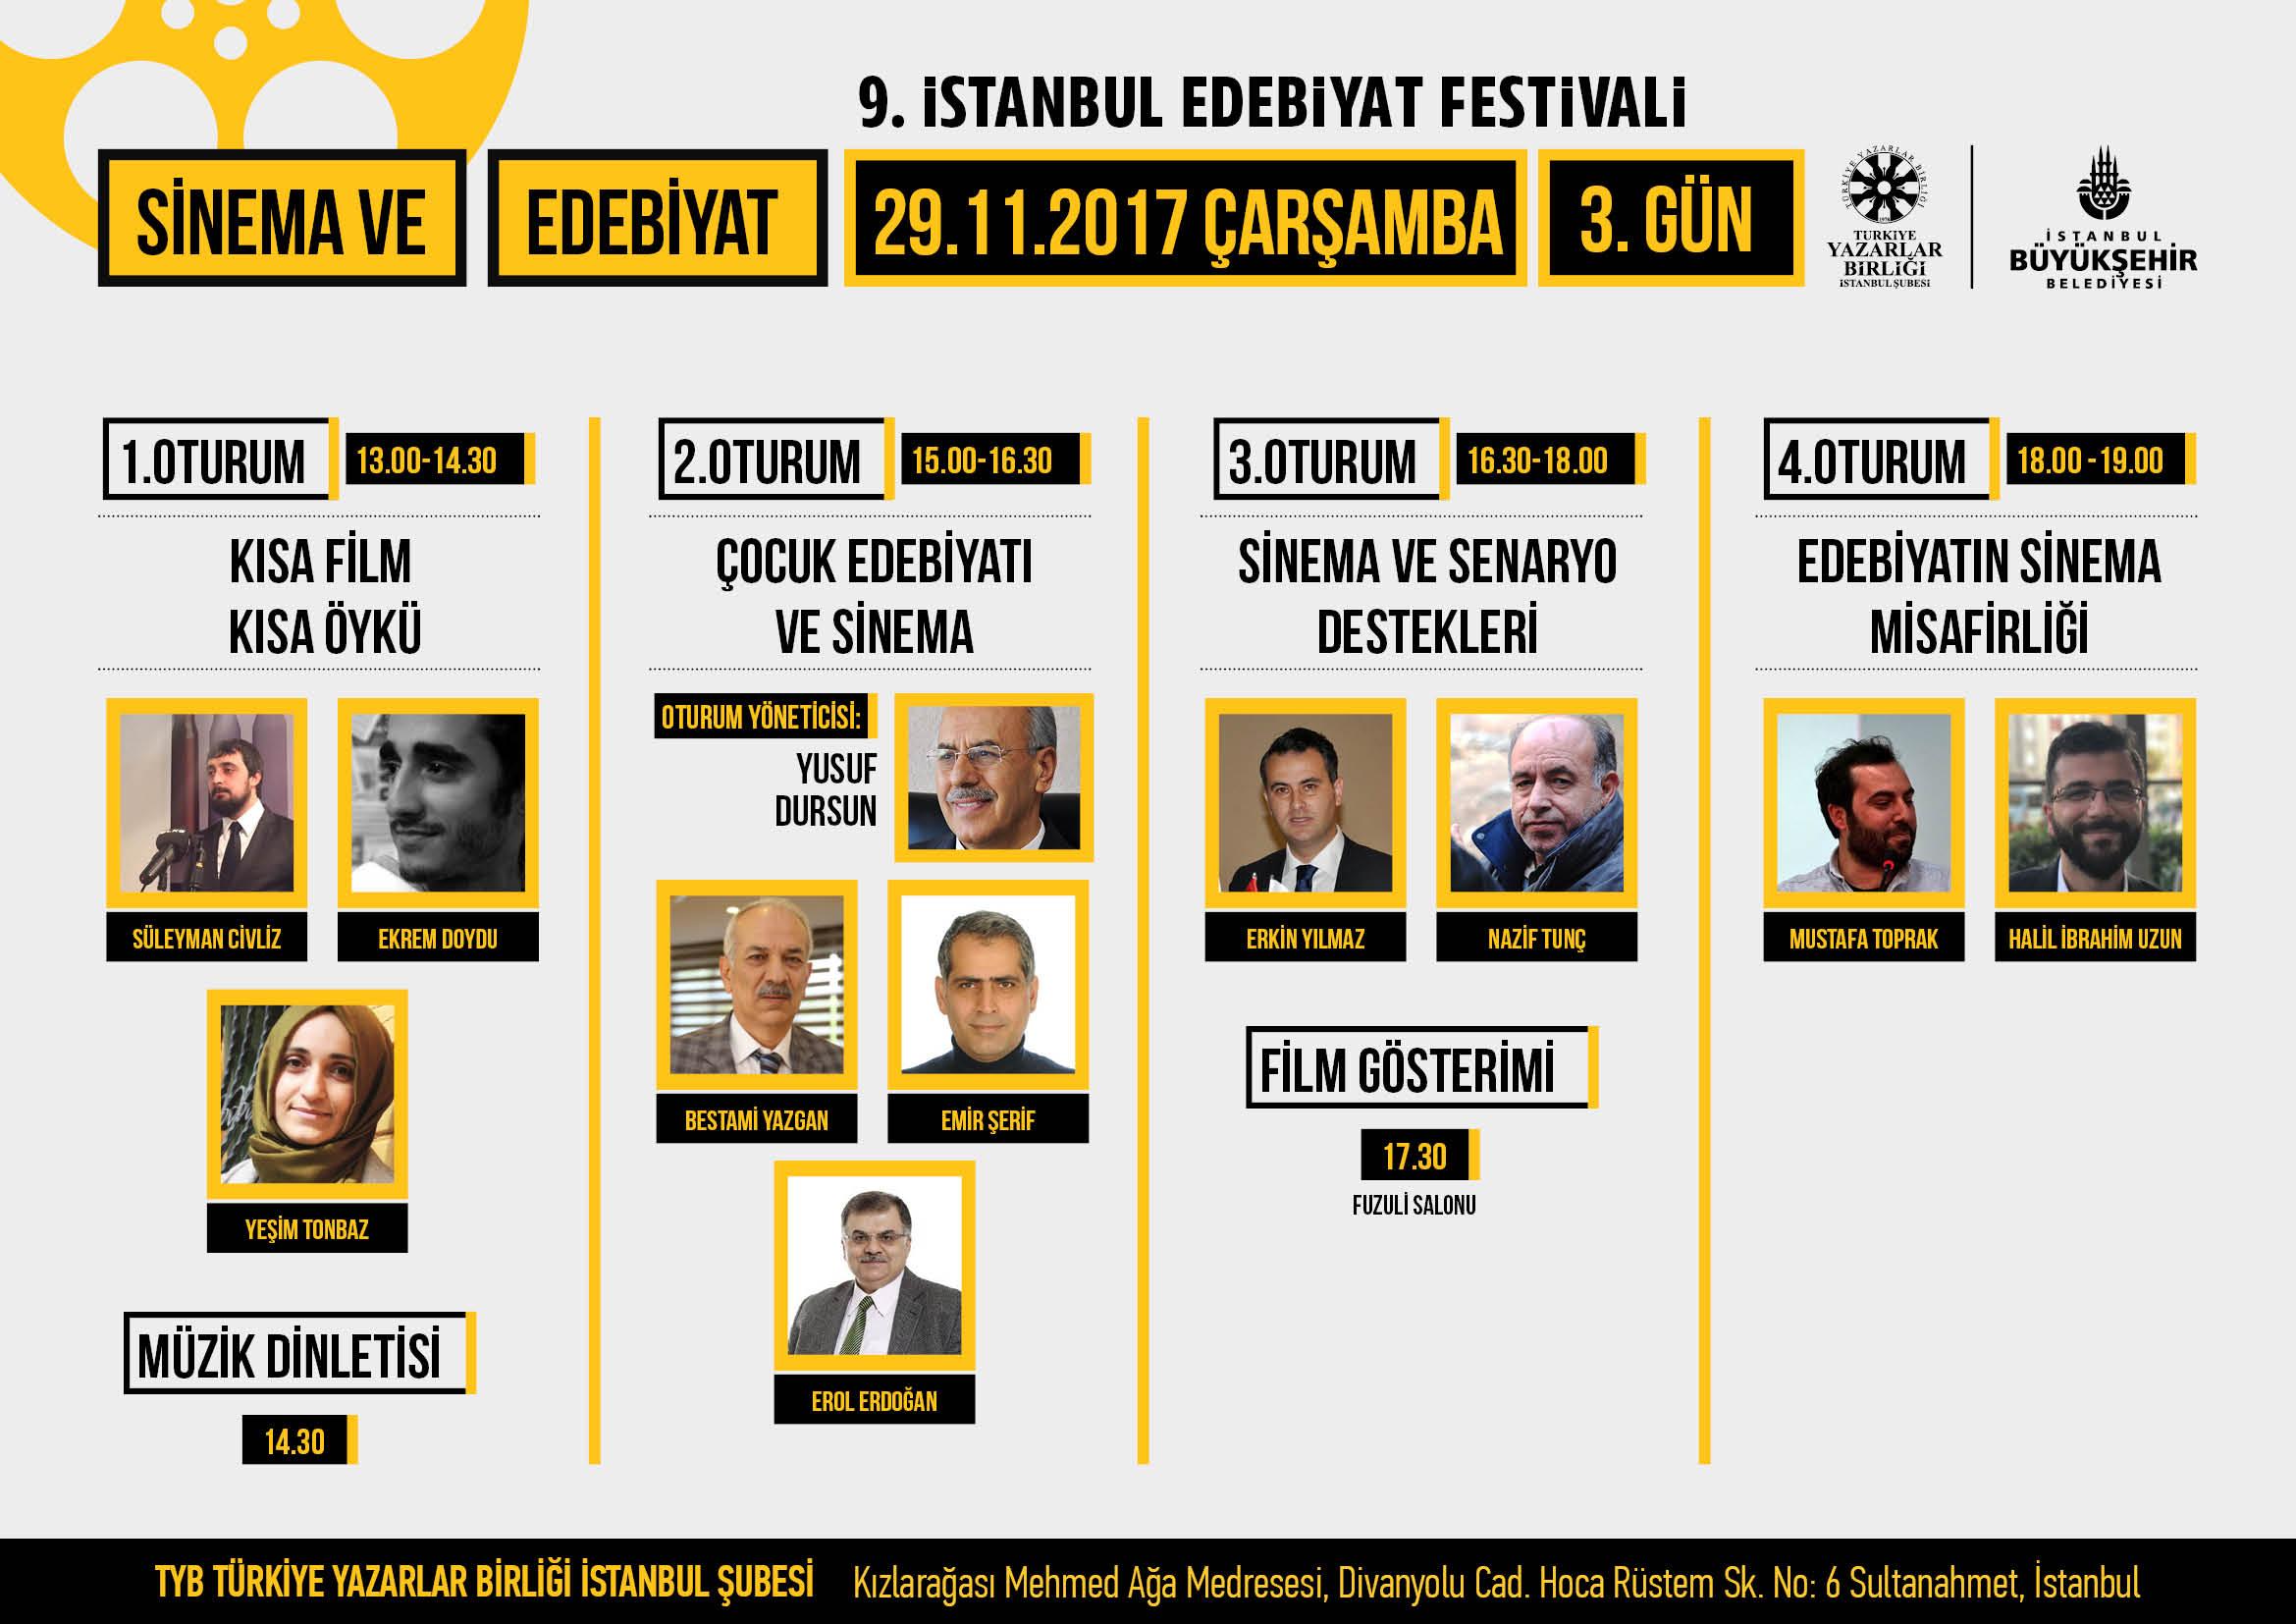 9. İstanbul Edebiyat Festivali'nin Üçüncü Günü